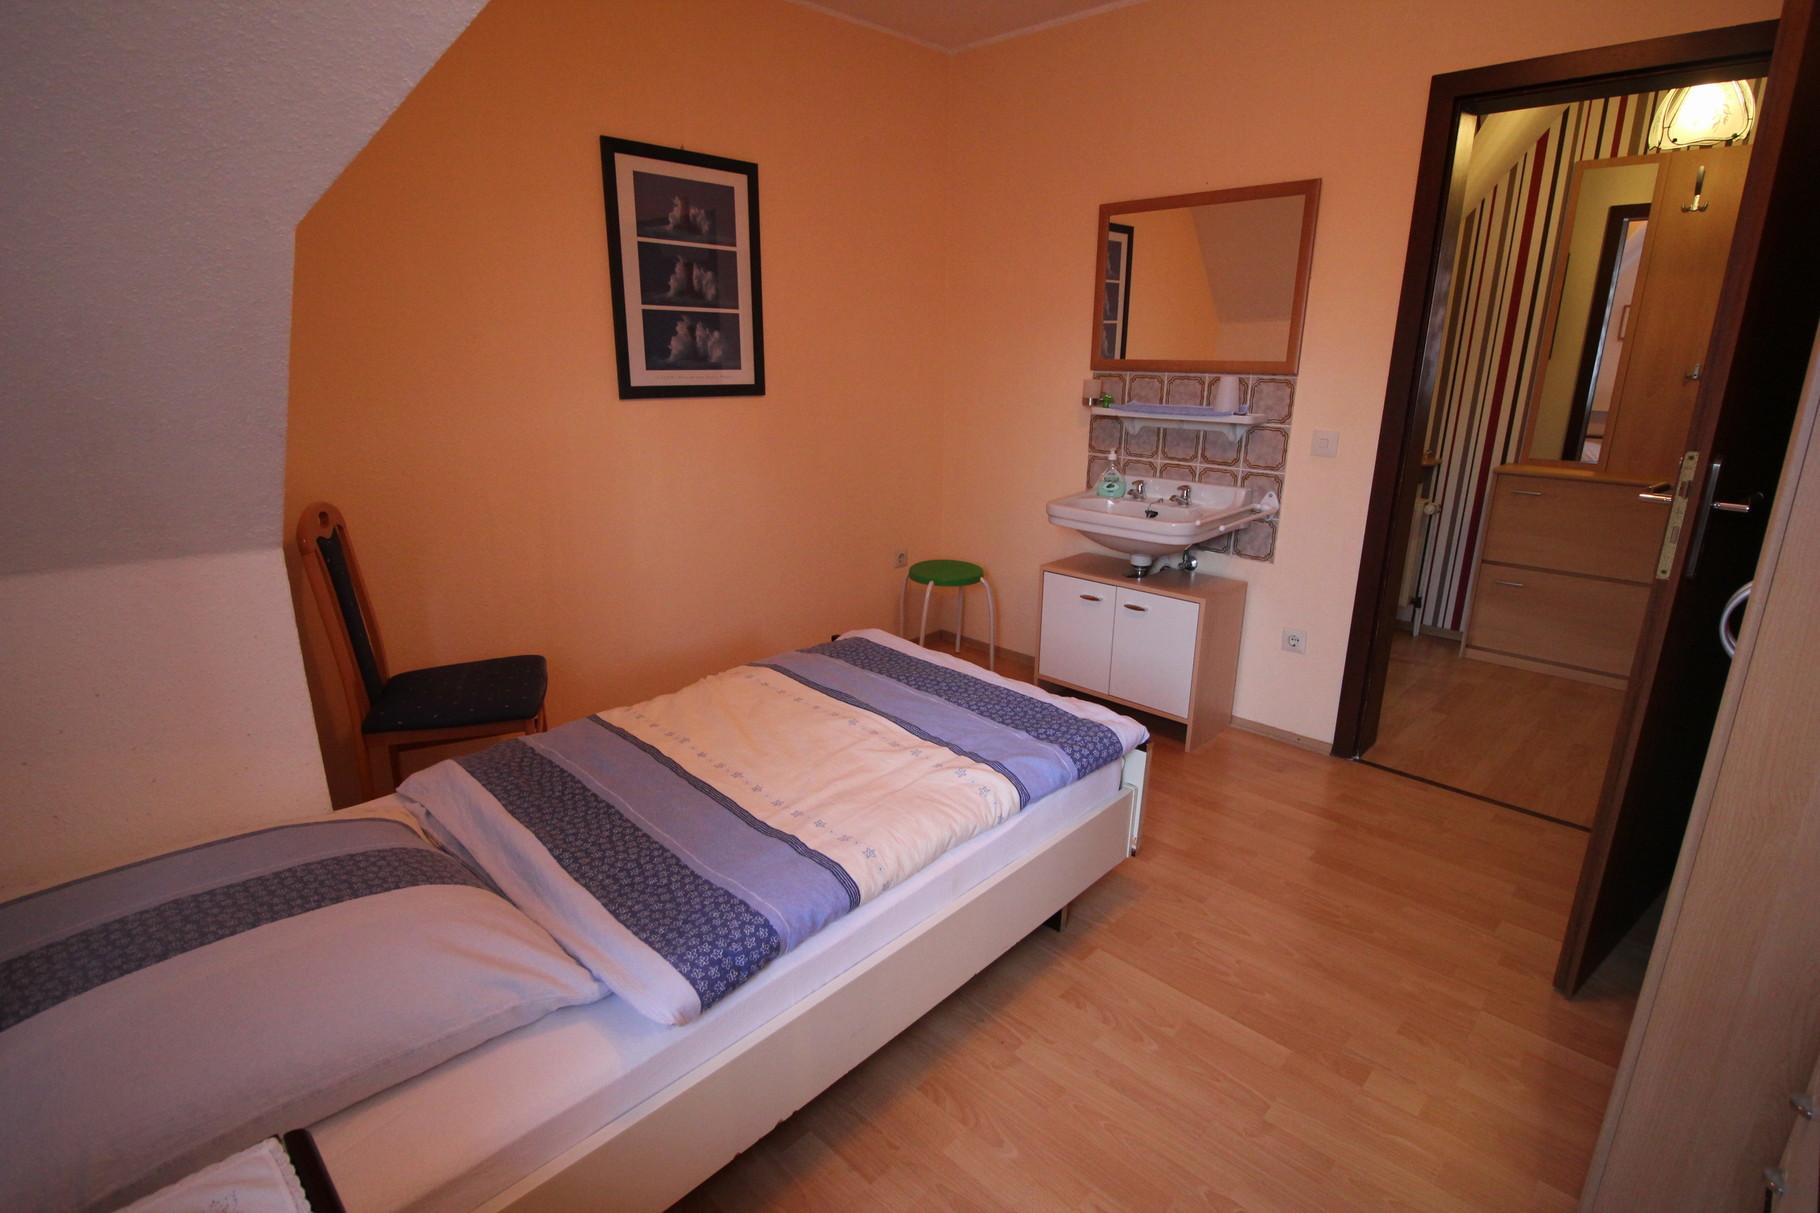 Einzelzimmer mit Waschbecken